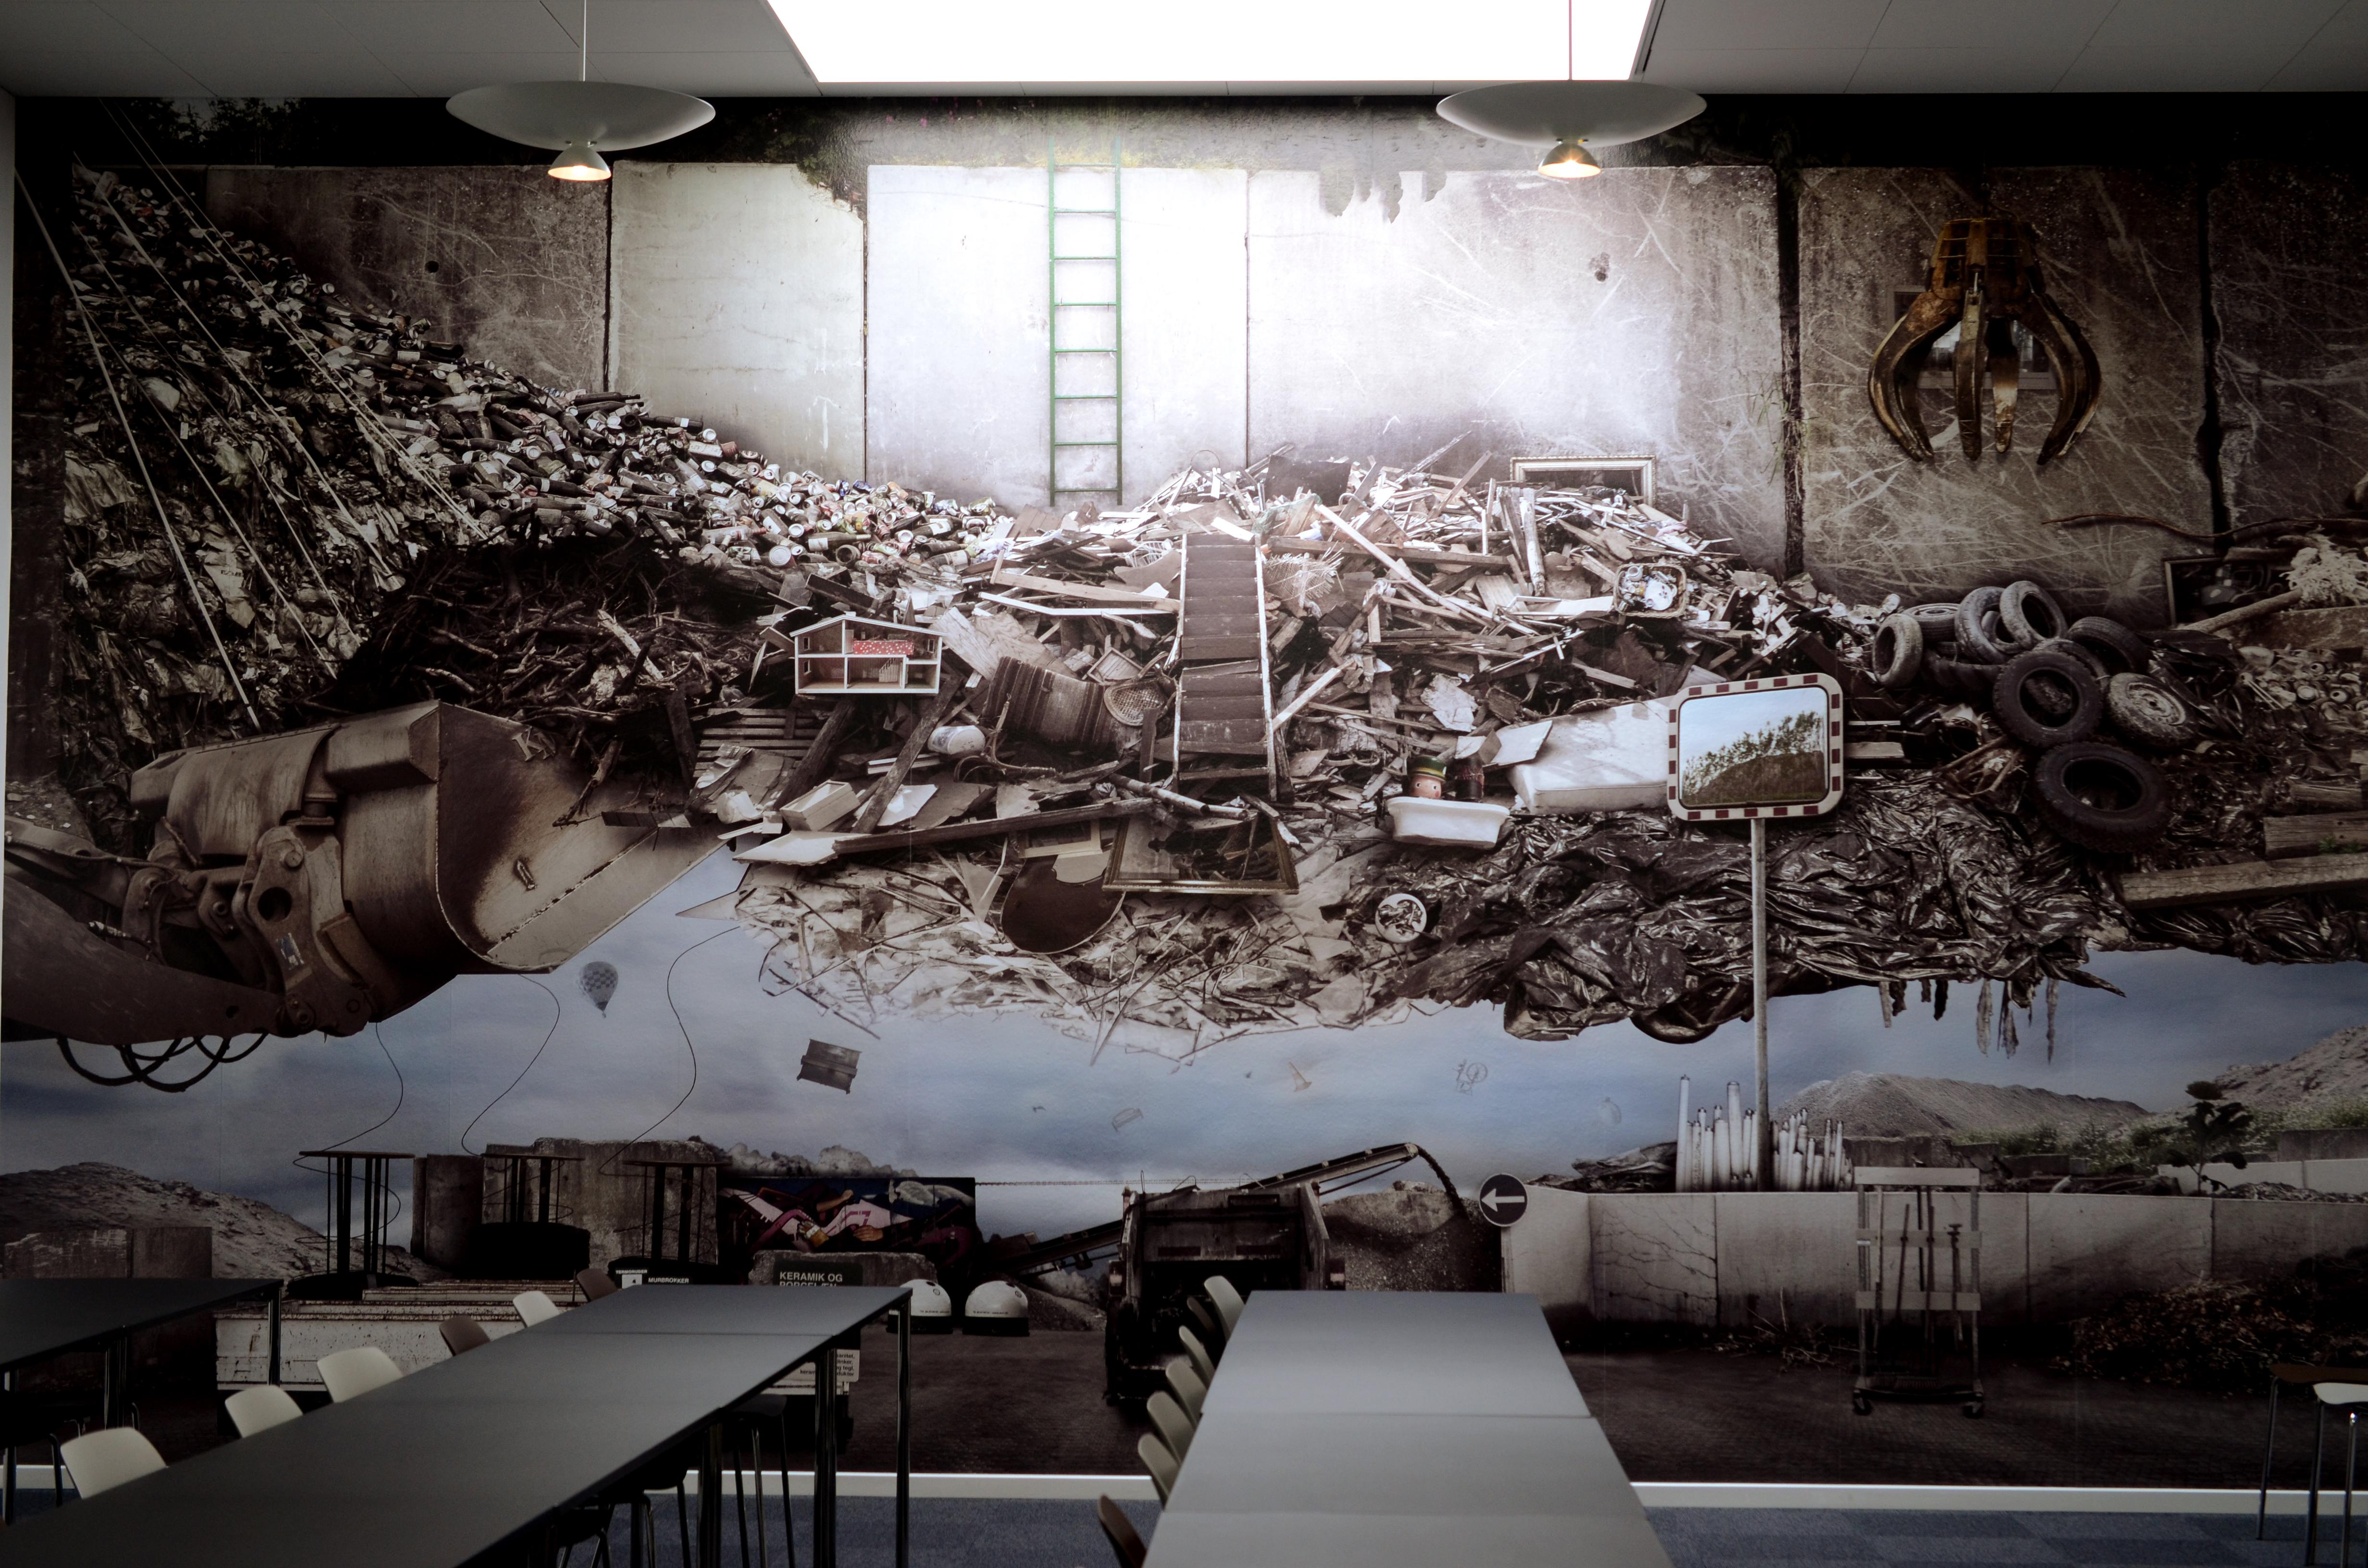 """I det store konferencerum hænger der en stor fotocollage """"Afterlife of stuff"""" lavet af Inger Tranter. Talerstolen er en stabel gamle kufferter på en flytbar bund, der fungerer rigtig fint i det gennemførte hus' helhed."""